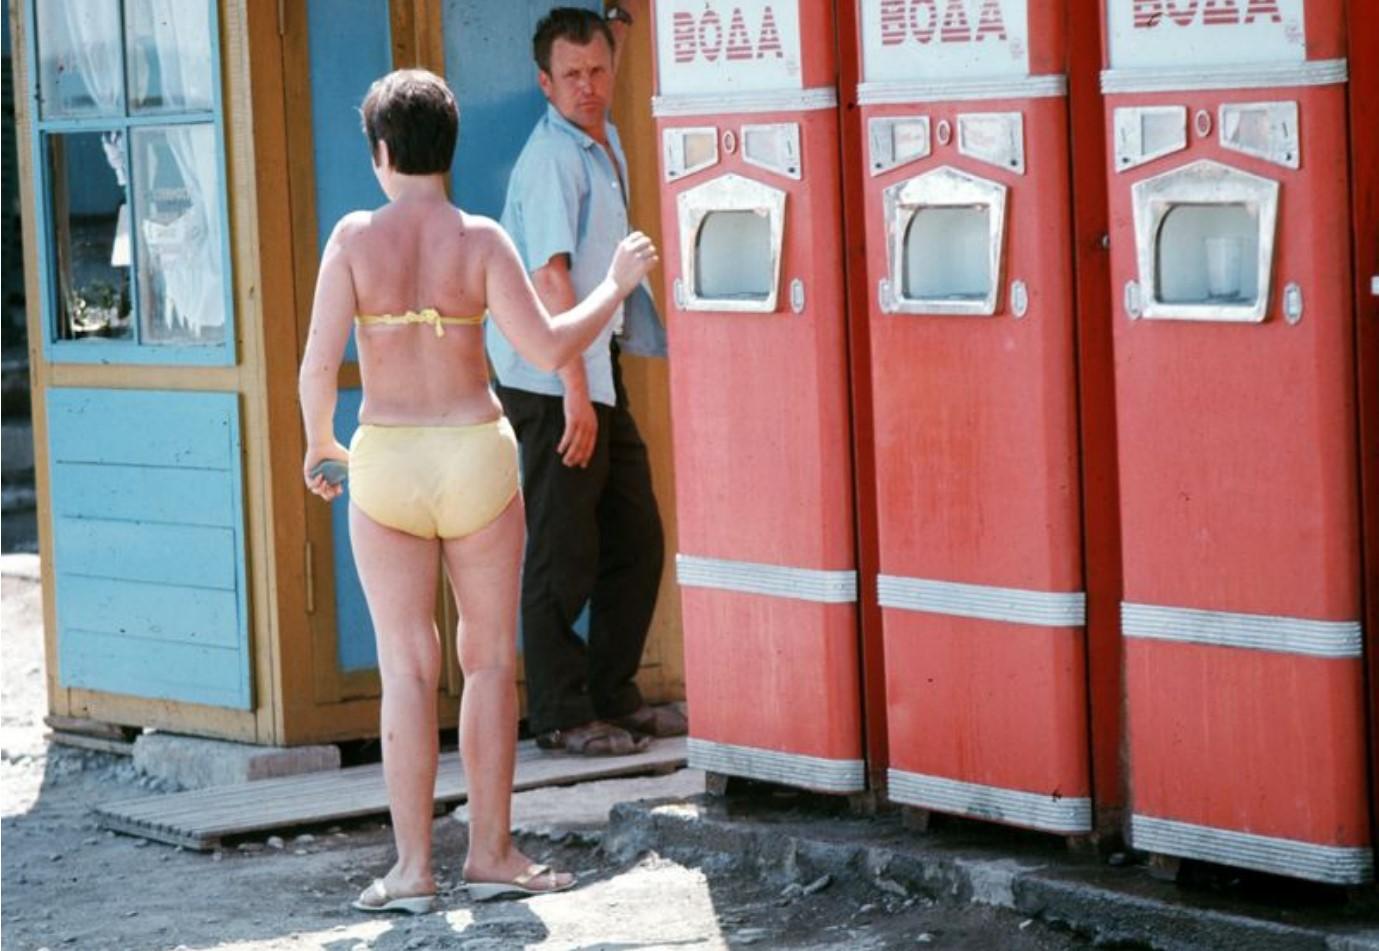 На набережной. Женщина возле аппаратов по продаже газированной воды